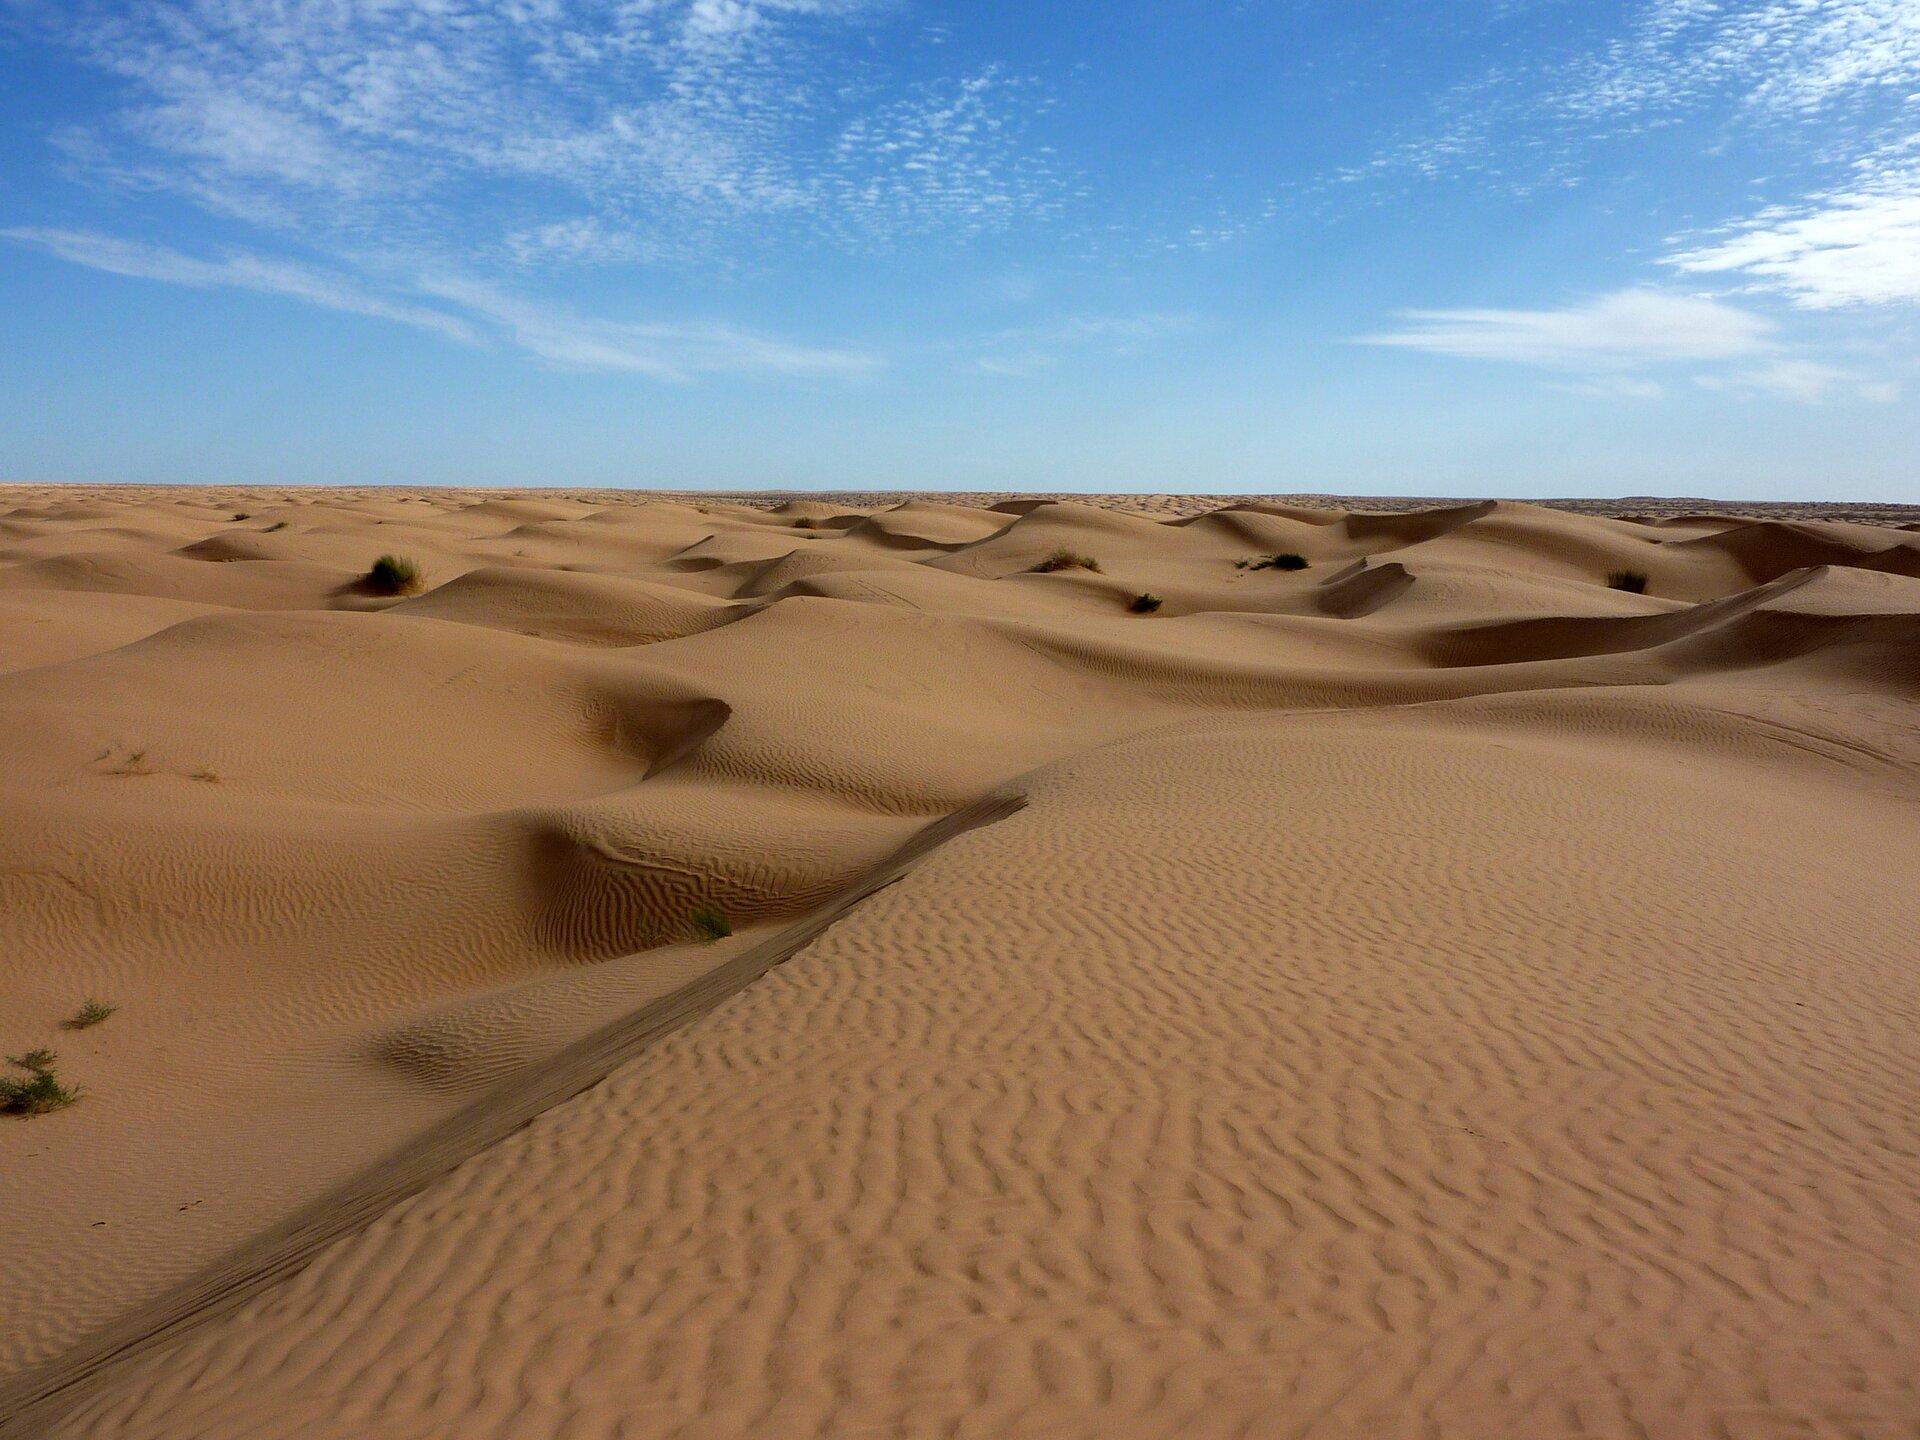 Na zdjęciu krajobraz gorącej, piaszczystej pustyni zwrotnikowej. Duże połacie drobnego piasku. Usypane wydmy. Pofalowana powierzchnia piasku. Niebieskie niebo. Nieliczne białe chmury.